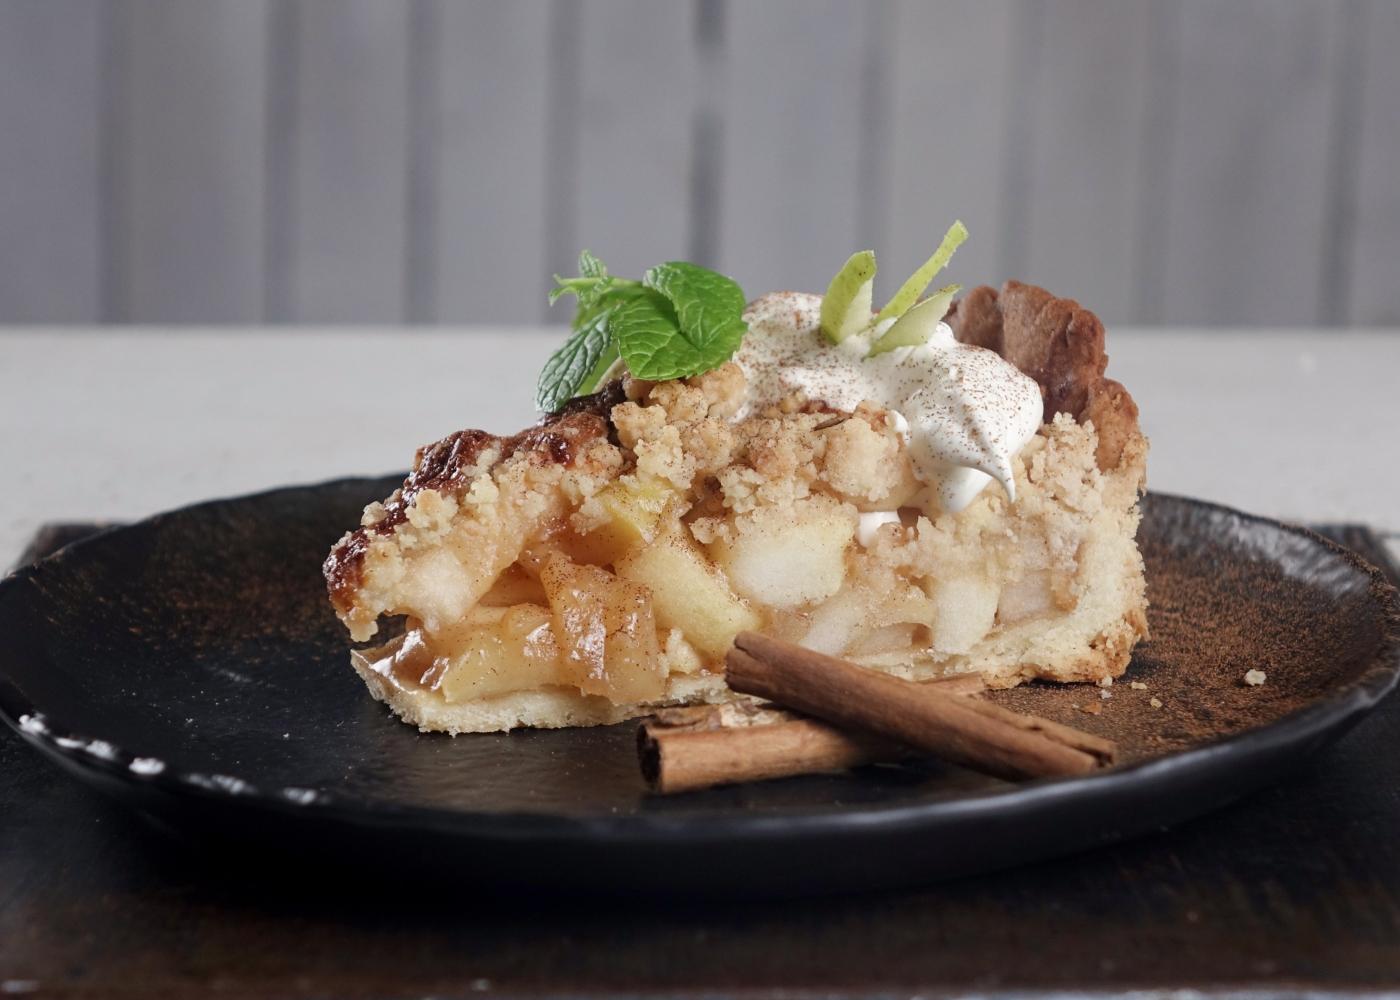 Fatia de tarte de maçã sem glúten e sem açúcar refinado servida num prato